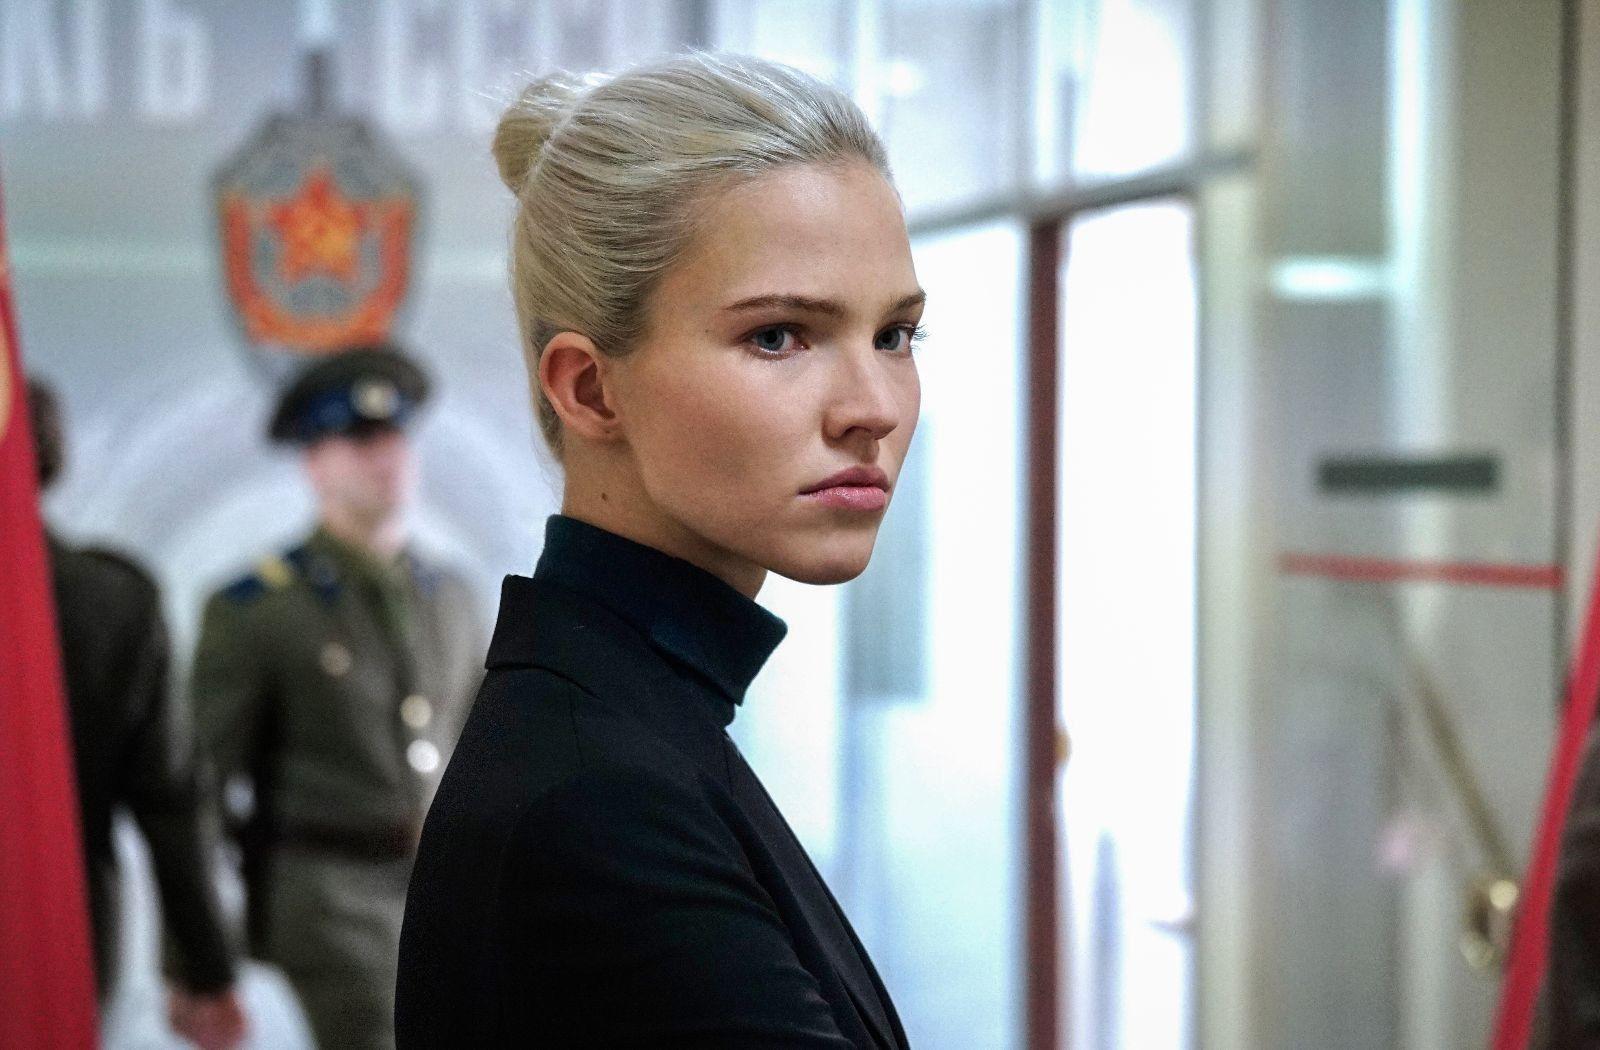 La protagonista, Anna, bajo la dirección de Luc Besson, viste ropas negras de cuello alto, lleva el pelo recogido. Mira a su derecha, mientras que a su espalda circulan dos agentes de policía rusos.